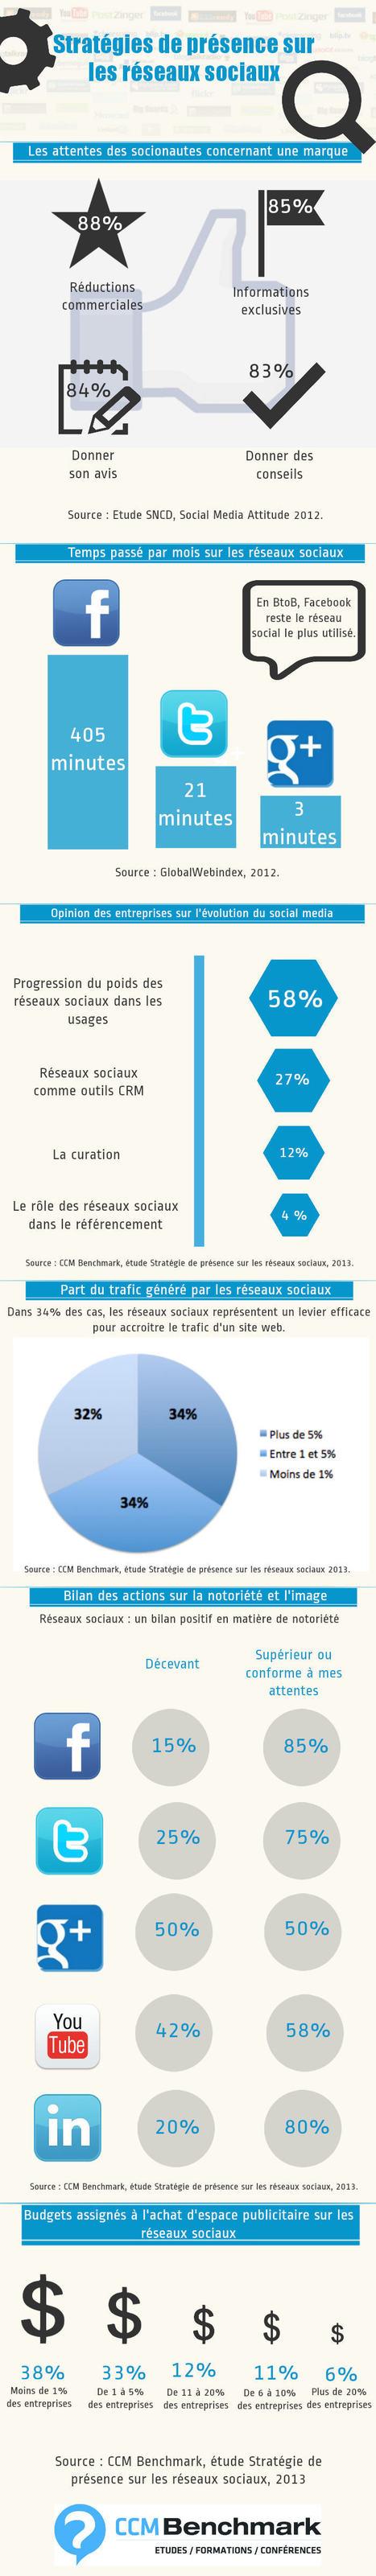 [Infographie] Stratégies de présence sur les réseaux sociaux | Mon Web Bazar | Scoop.it